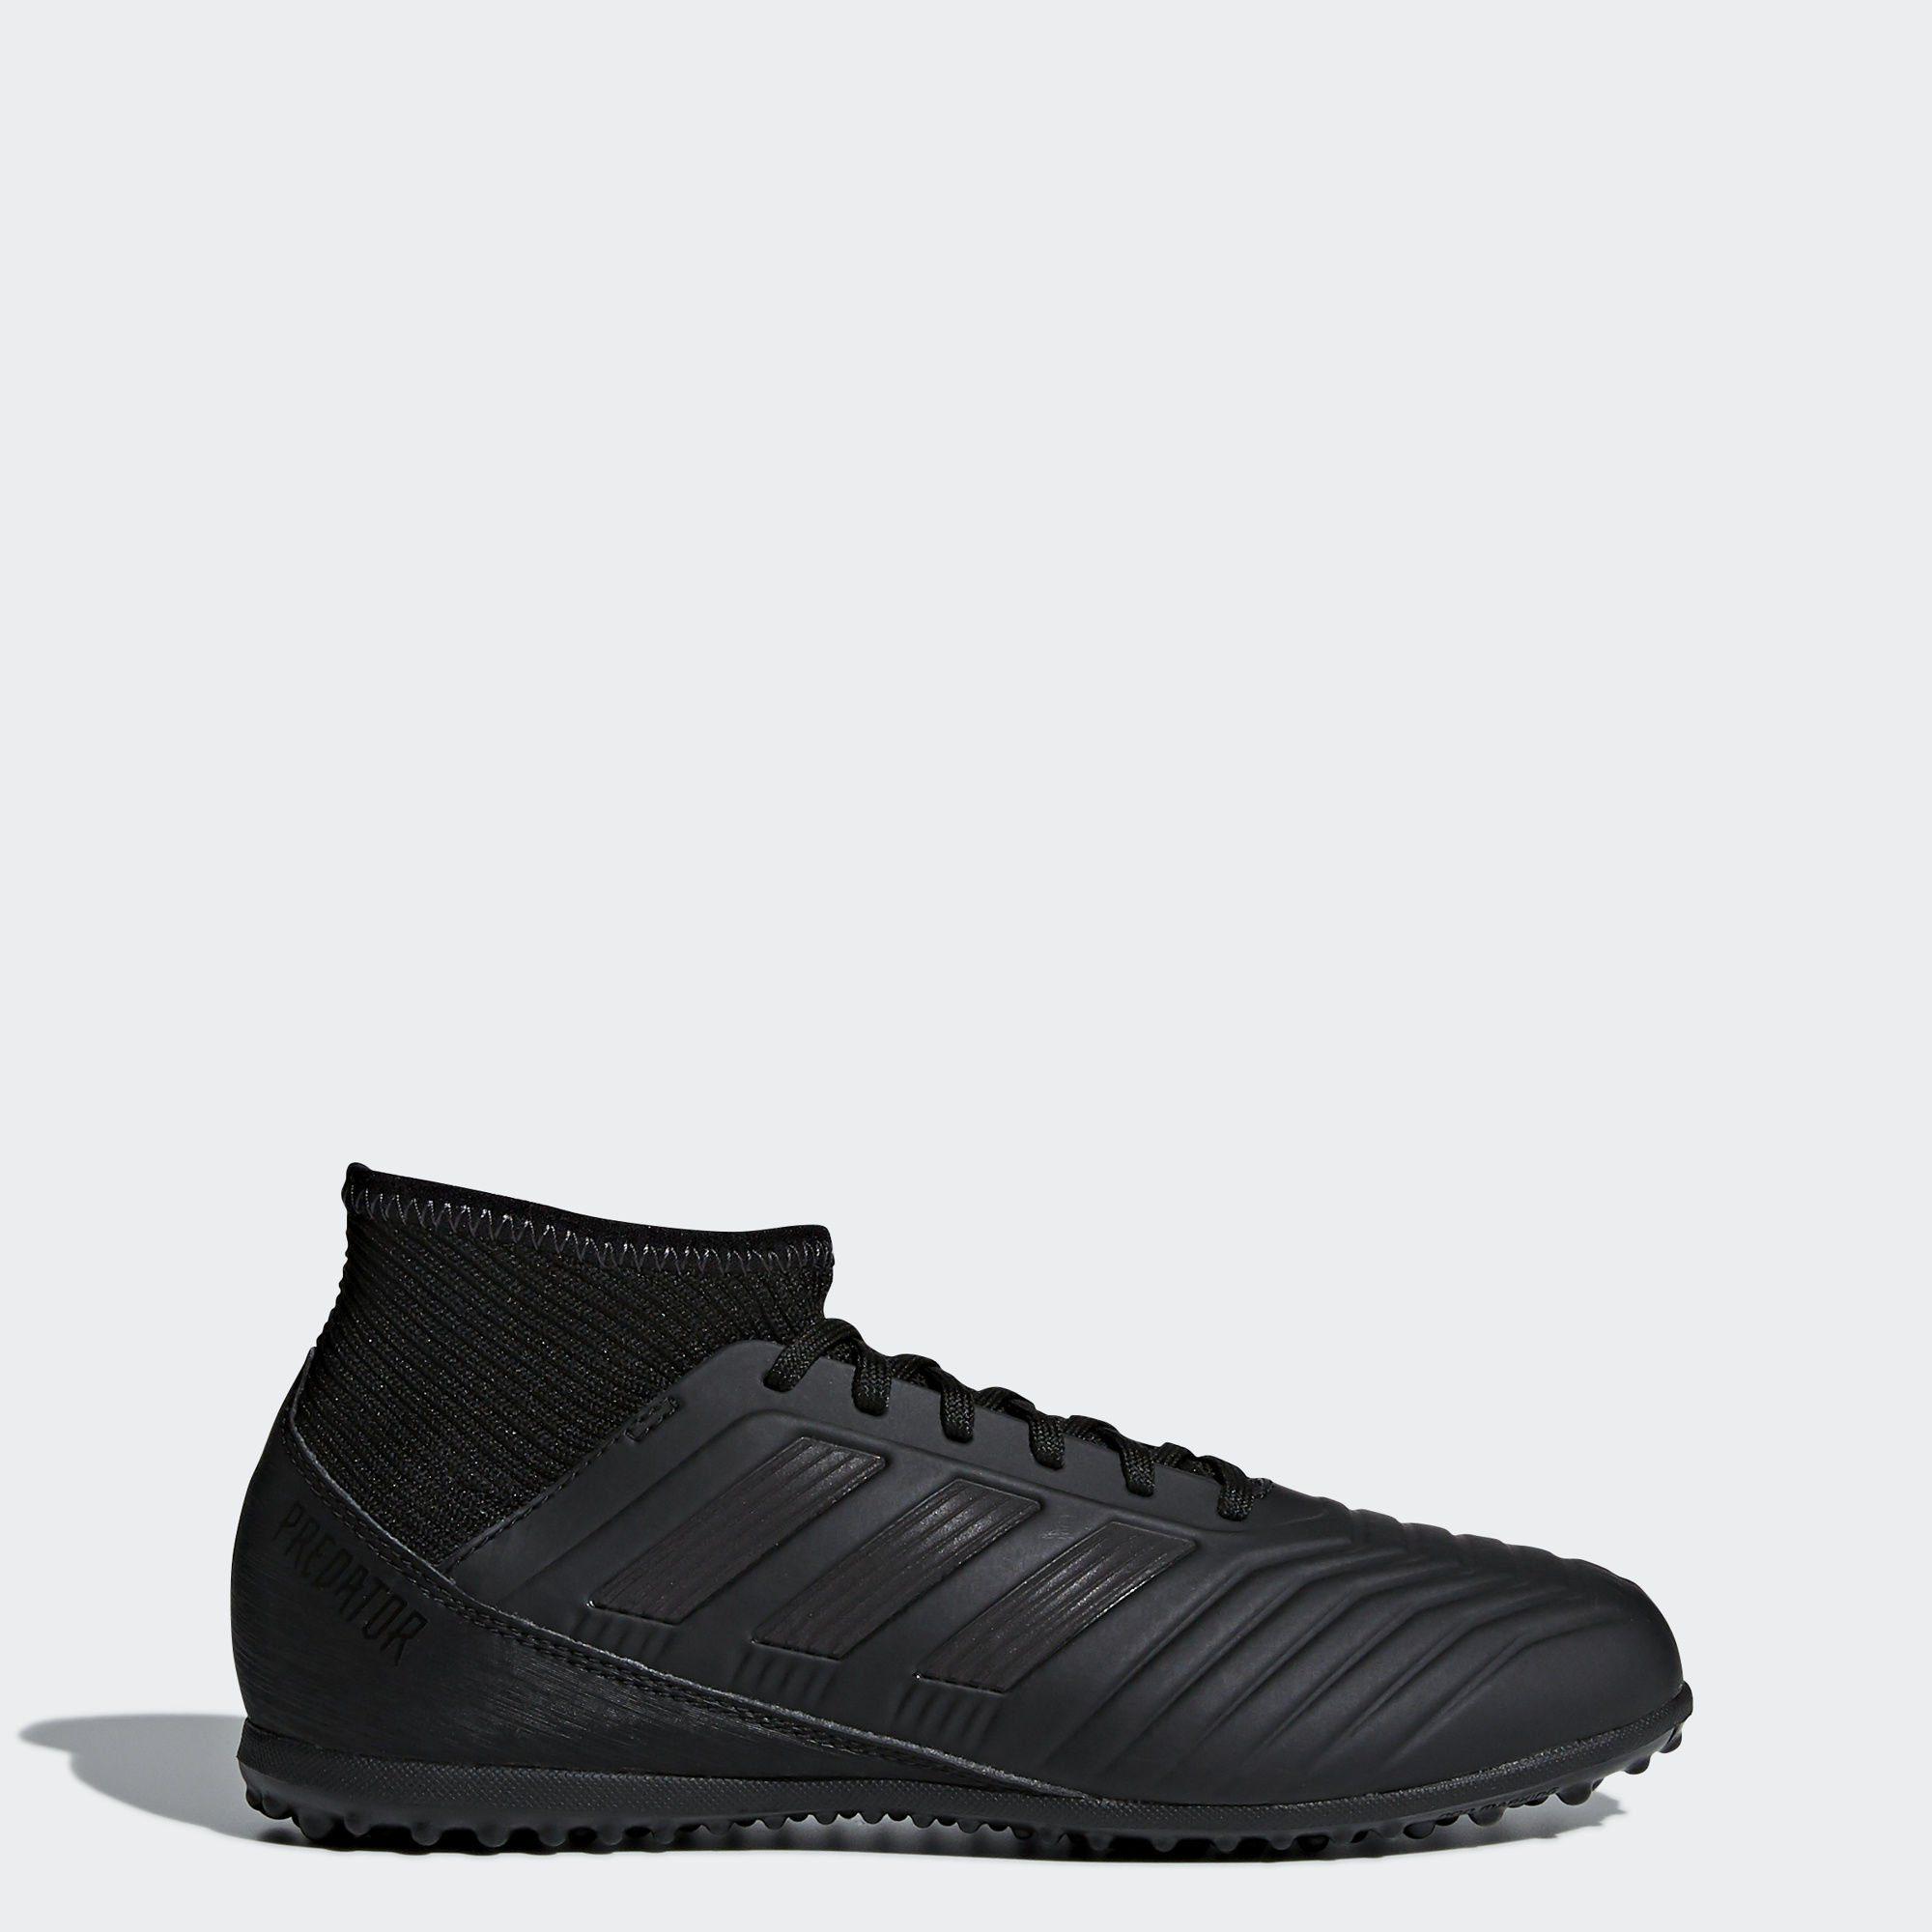 adidas Performance Predator Fußballschuh, Predator Tango 183 TF Fußballschuh online kaufen  black